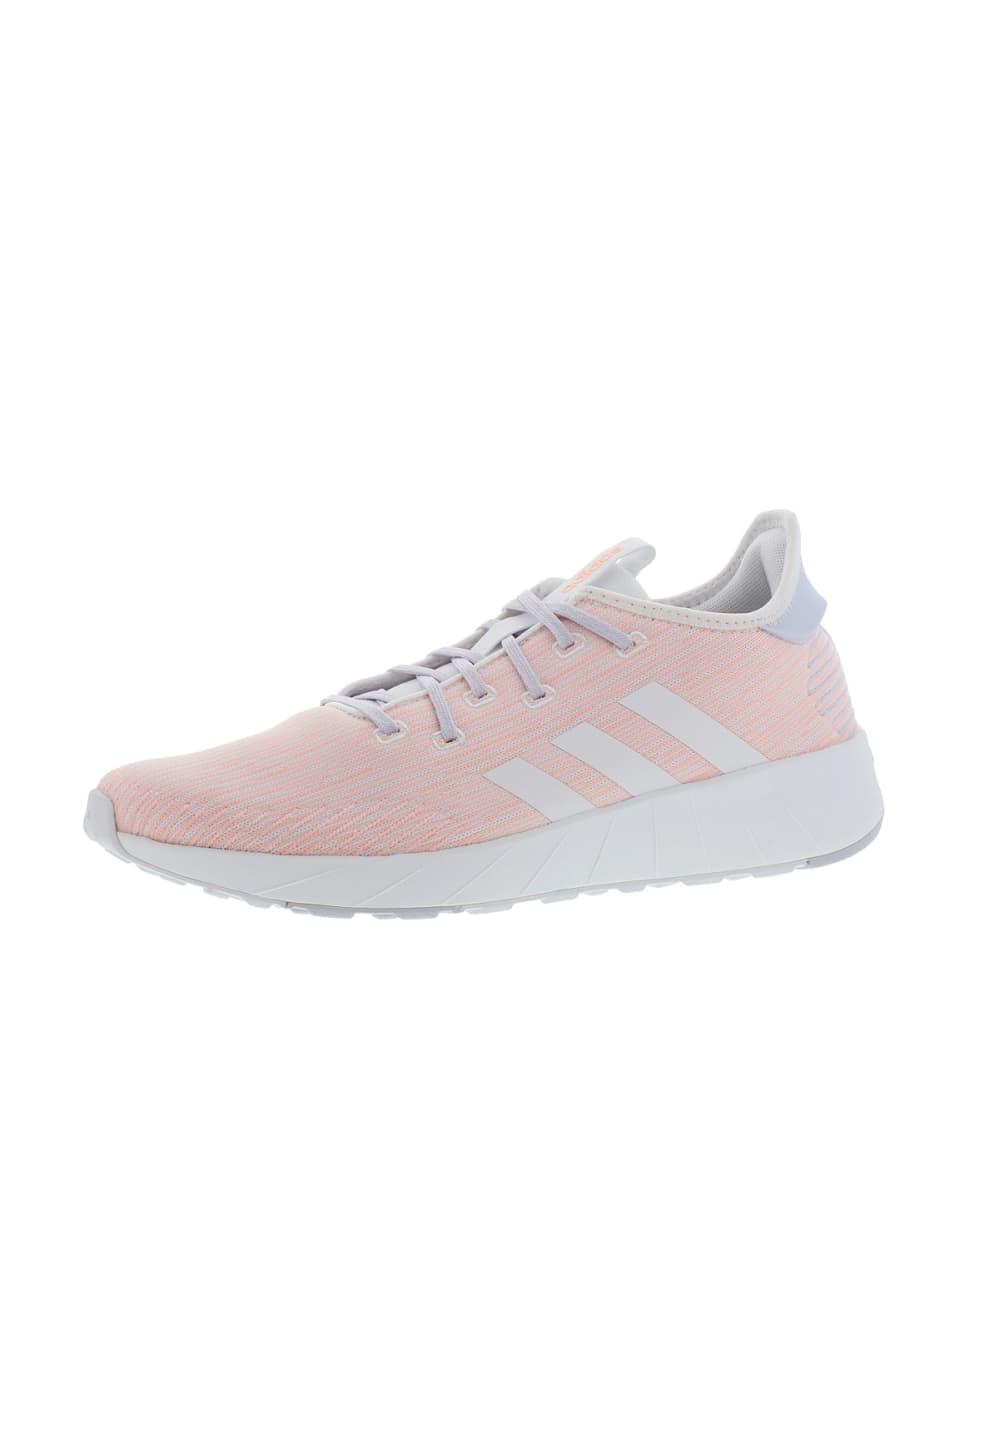 adidas neo Questar X BYD - Laufschuhe für Damen - Pink